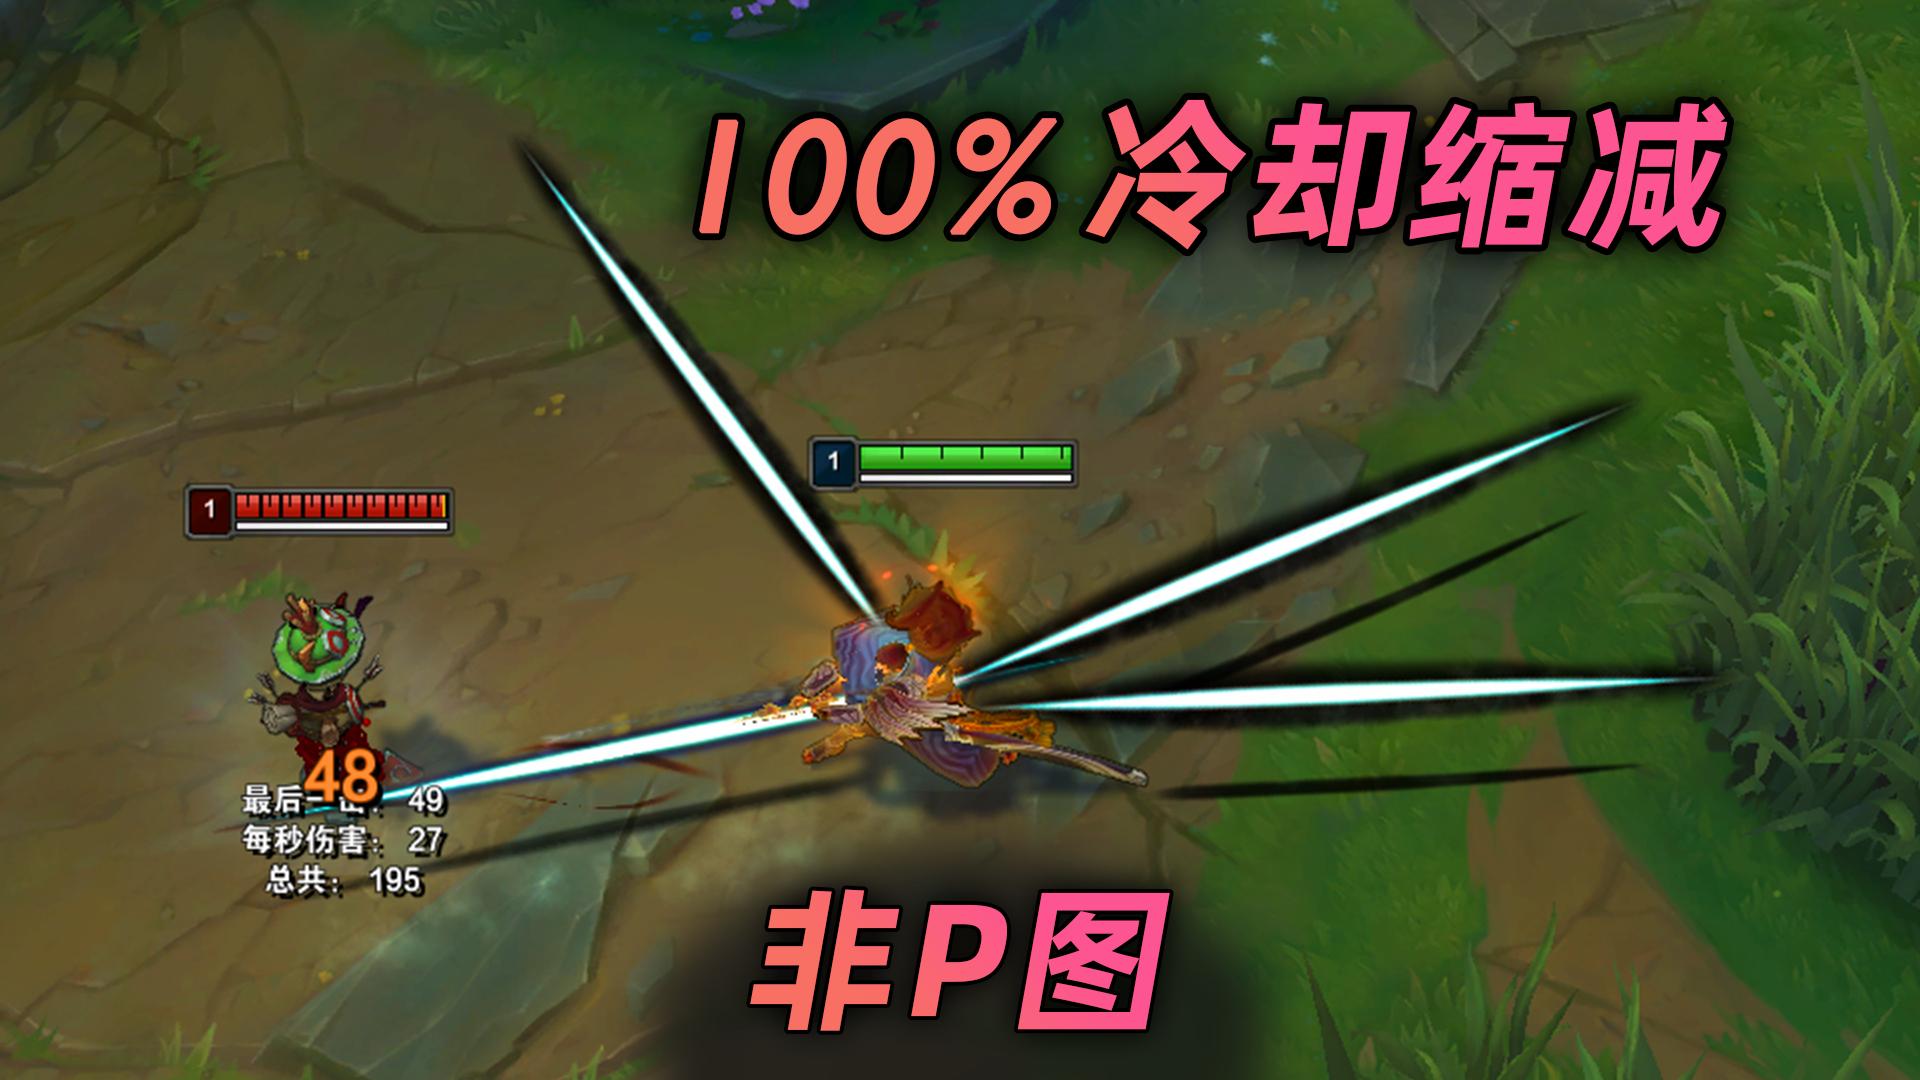 当英雄拥有100%冷却缩减:亚索一秒5Q无限吹风,卡莎全屏飞Q,小炮也会蜻蜓点水,全程高能视觉盛宴!